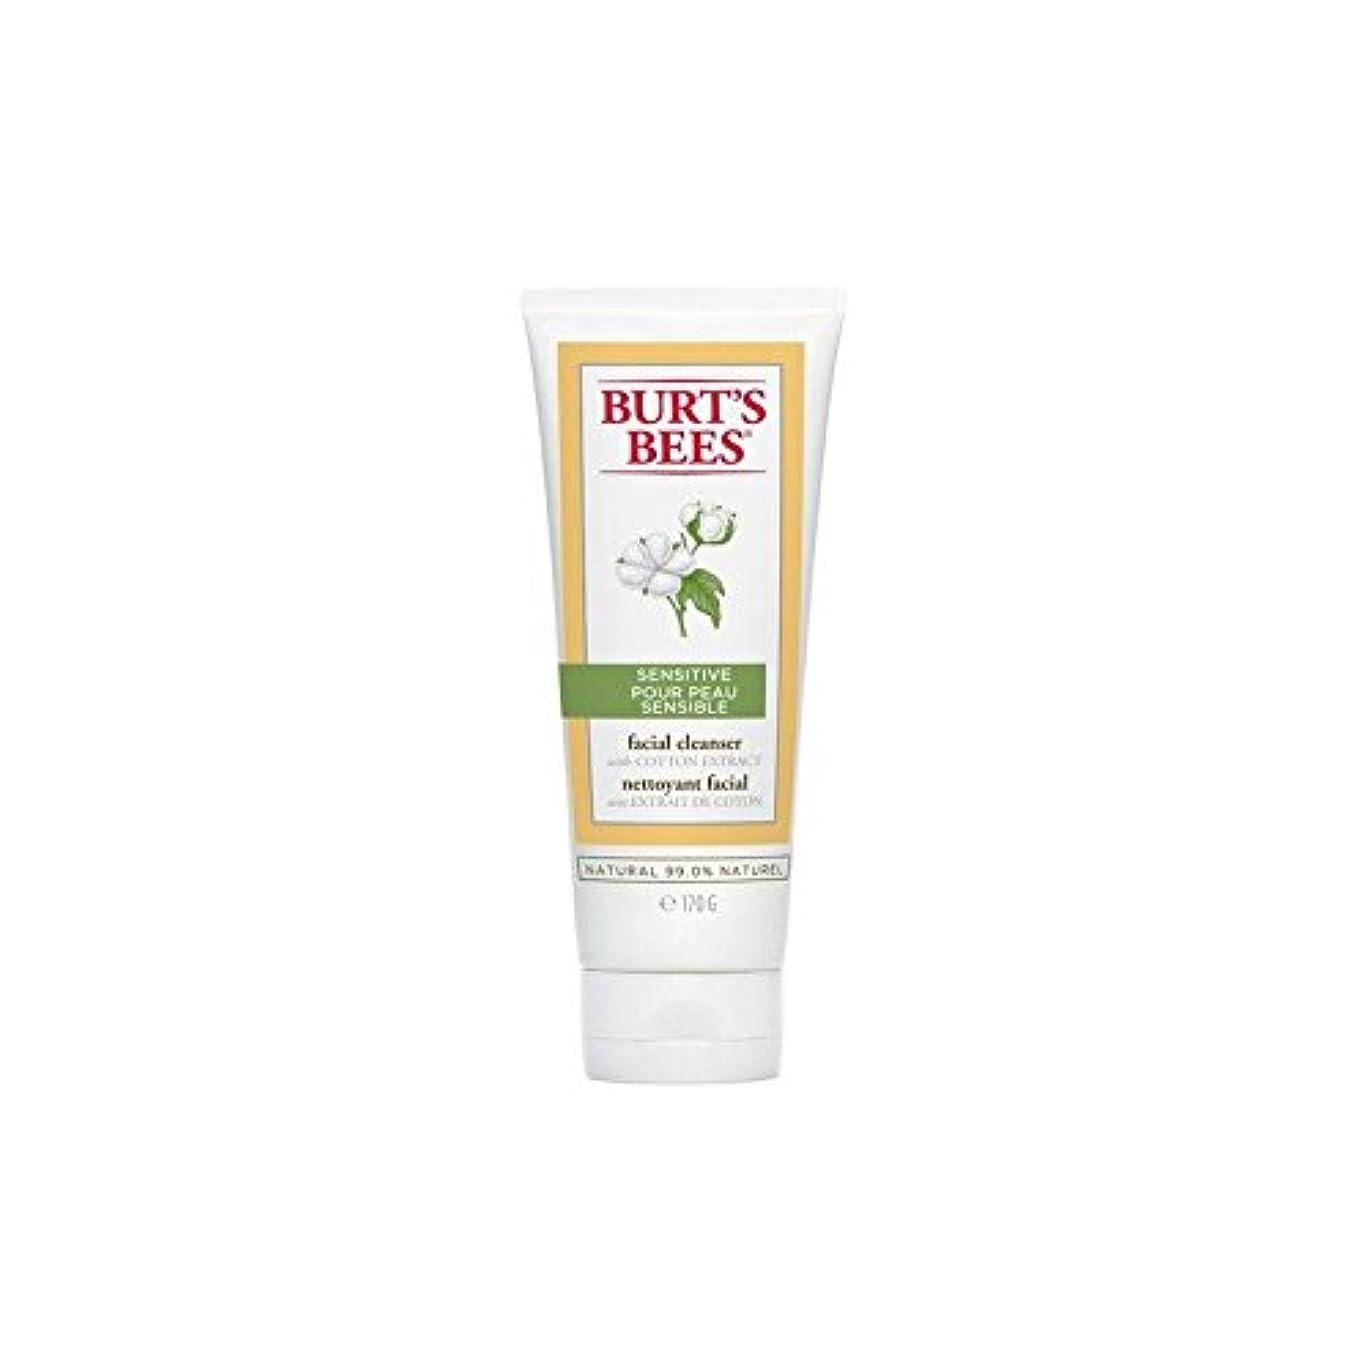 巡礼者りんごシチリアBurt's Bees Sensitive Facial Cleanser 170G - バーツビー敏感な洗顔料の170グラム [並行輸入品]